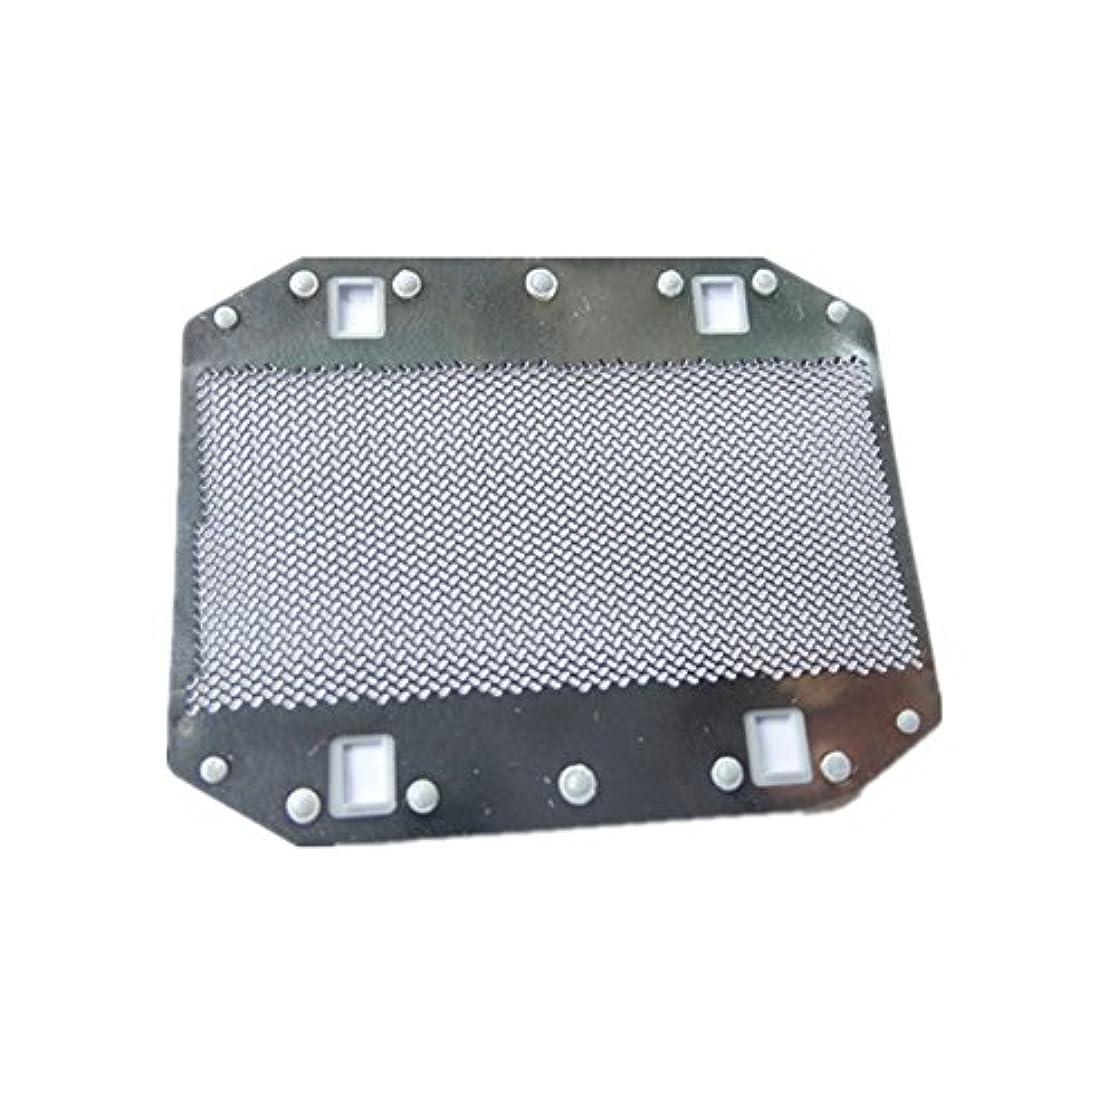 従順な前件ハードウェアHZjundasi シェーバー剃刀 Outer ホイル for Panasonic ES3050/376/317/RC40/RP20 ES9943C